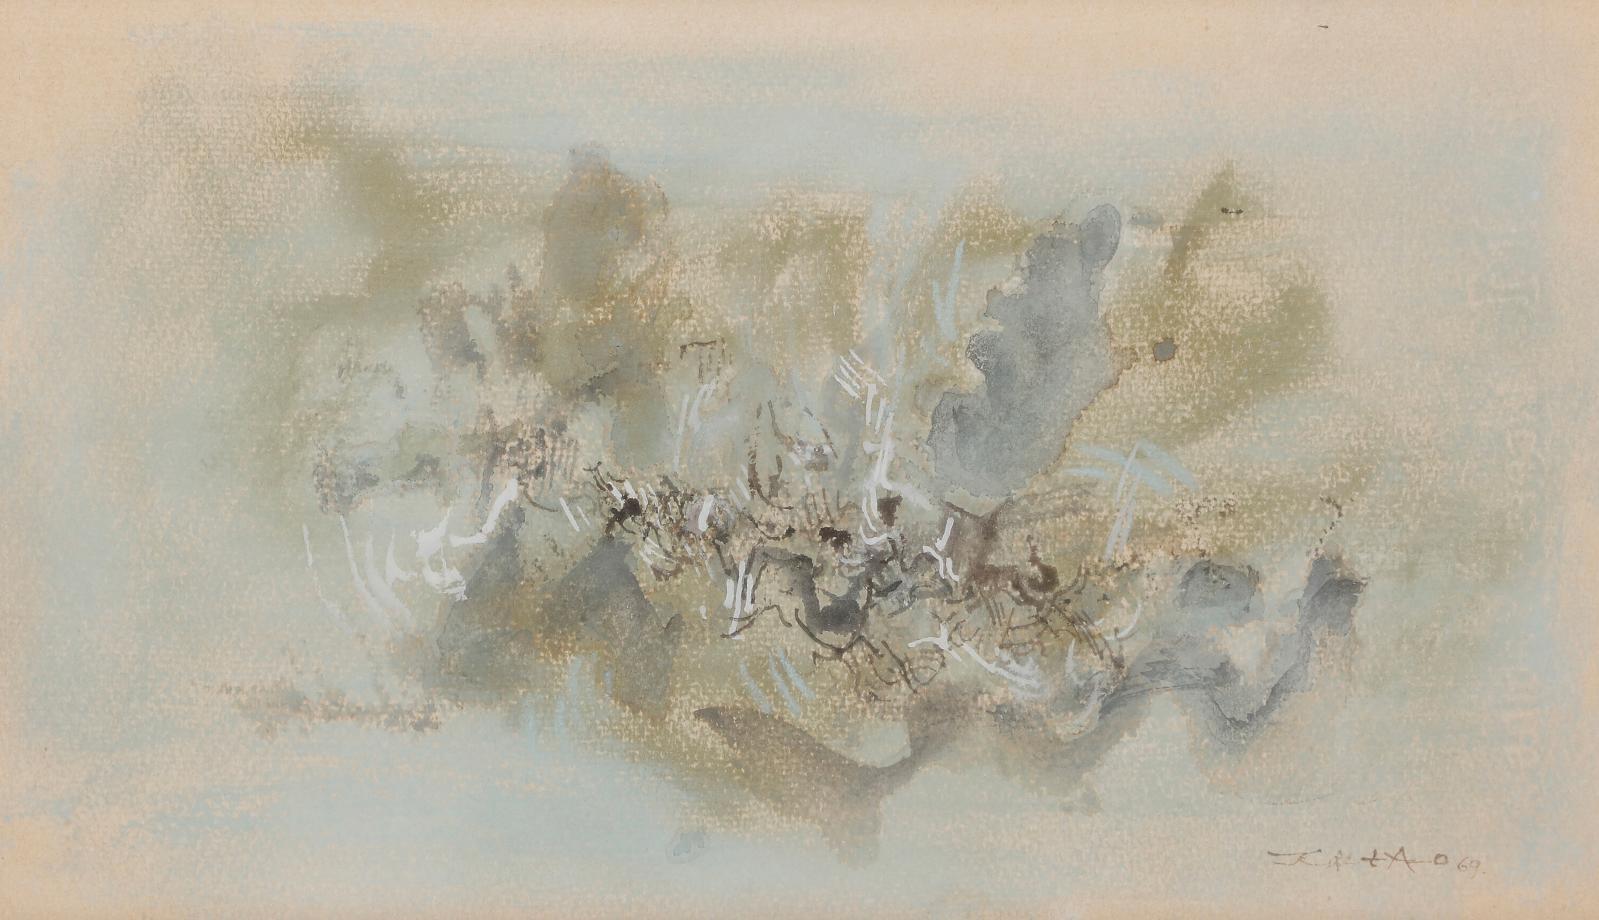 Zao Wou-ki (1920-2013), Composition, 1969, gouache et encre, 18x30,5cm. Estimation: 20000/30000 €